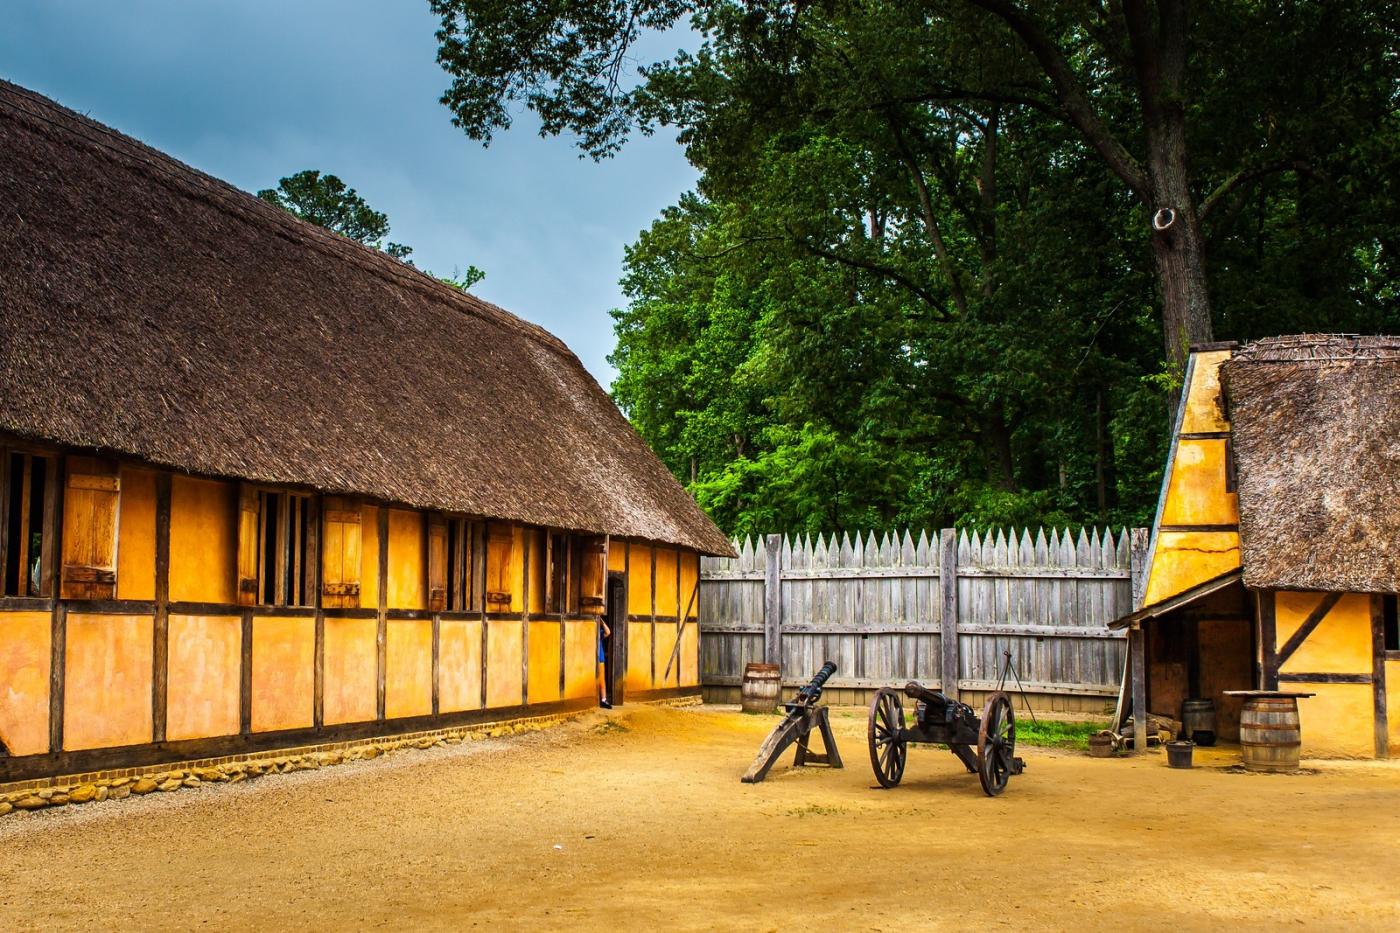 詹姆斯敦殖民地公园,讲17世纪的故事_图1-2